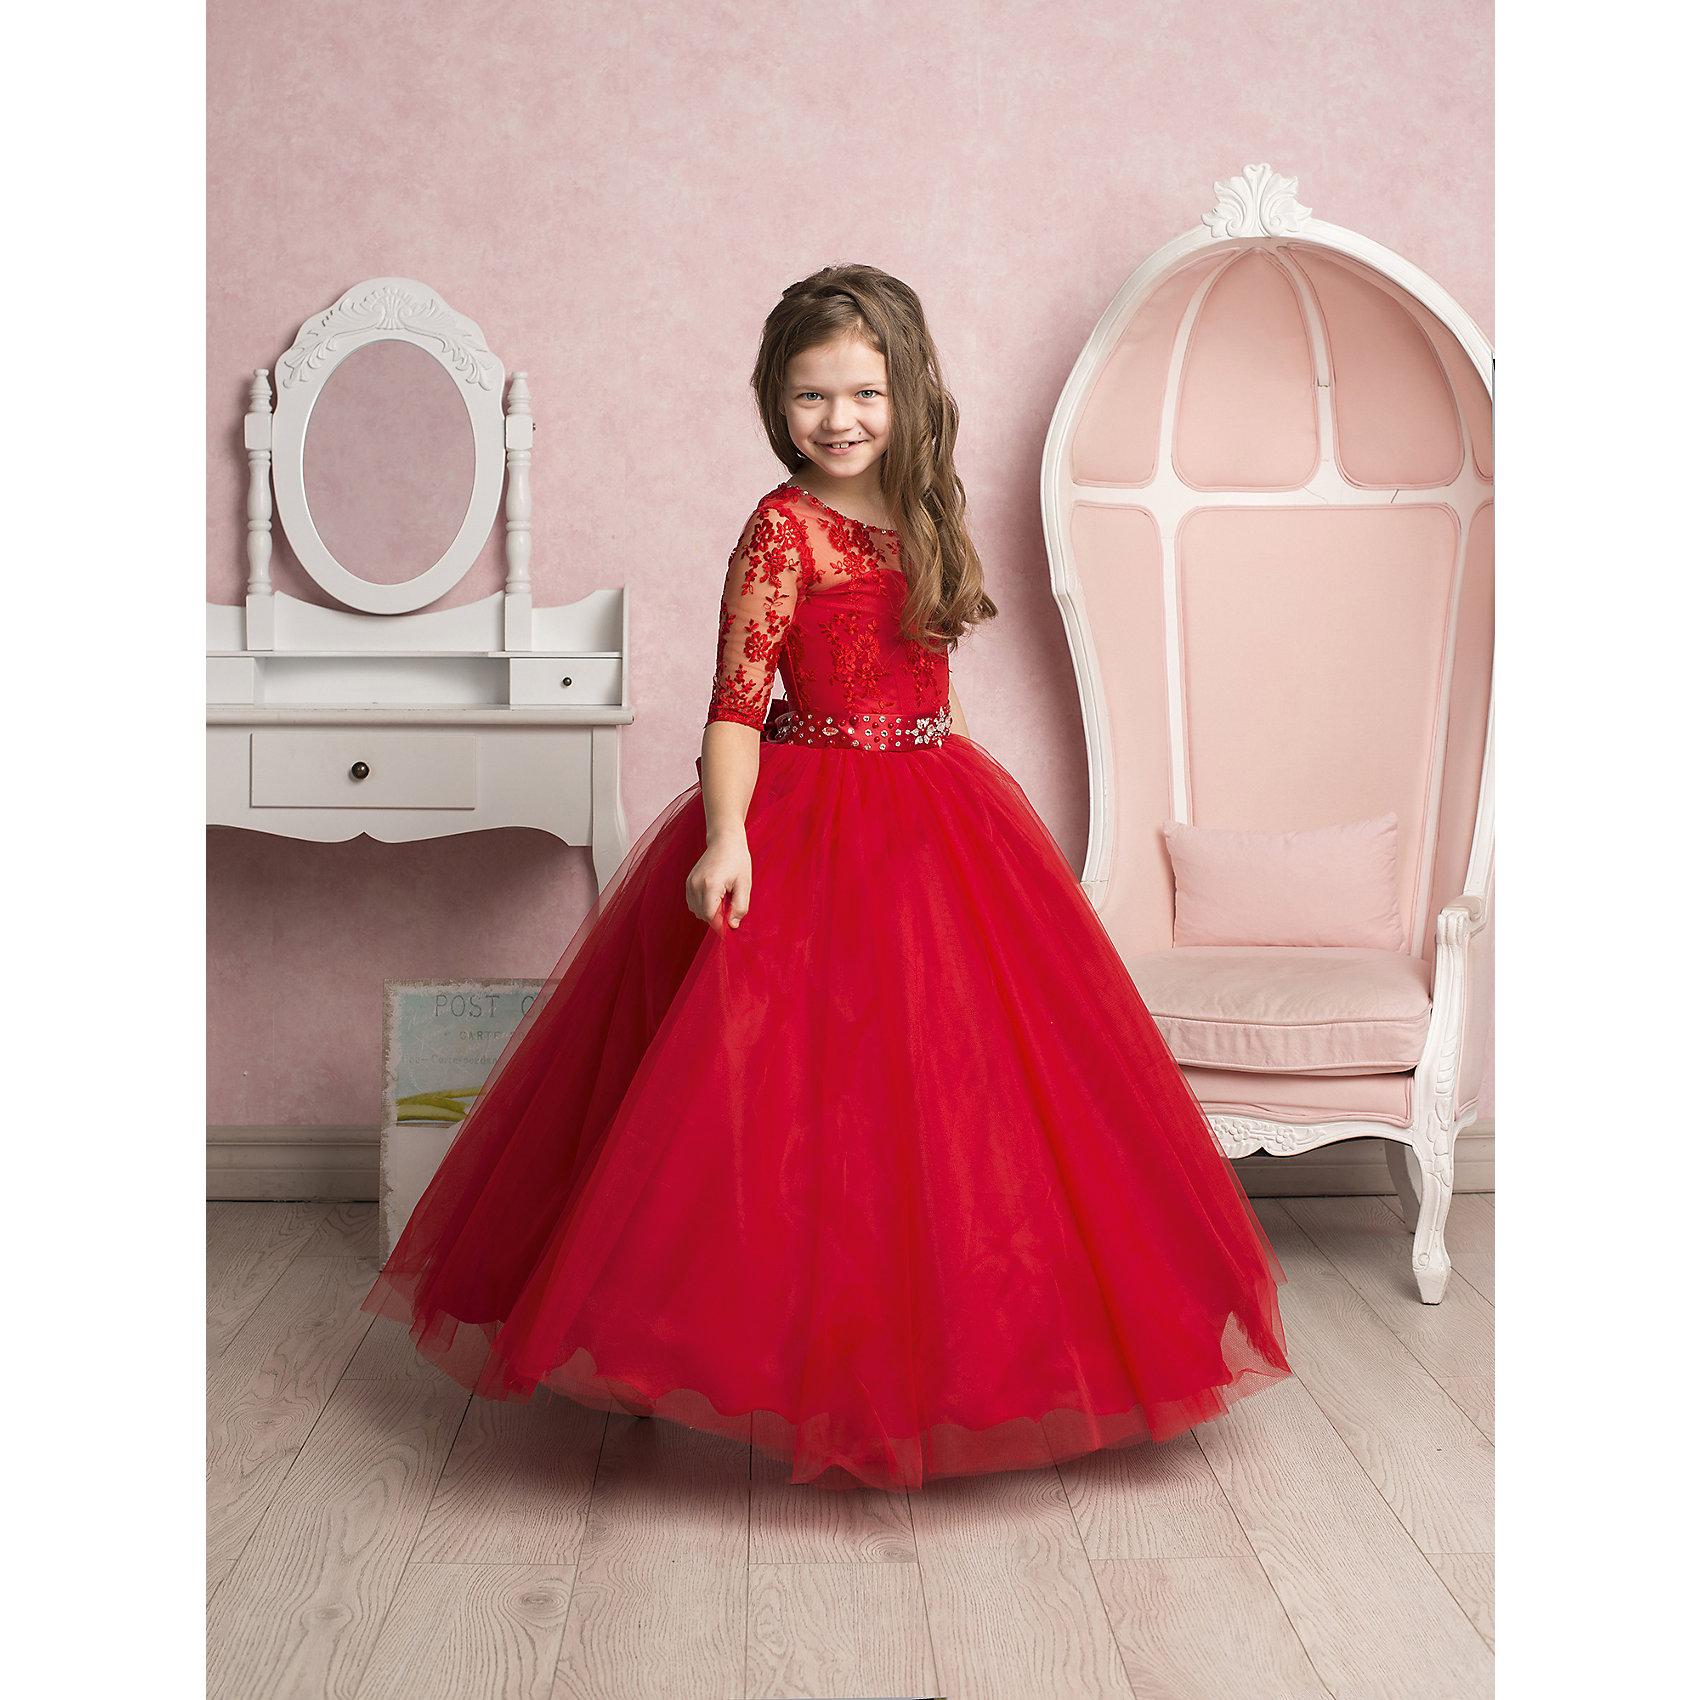 Платье нарядное ПрестижХарактеристики:<br><br>• Вид детской и подростковой одежды: платье<br>• Предназначение: праздничная<br>• Платье подходит для занятий бальными танцами<br>• Коллекция: Veronikaiko<br>• Сезон: круглый год<br>• Тематика рисунка: цветы<br>• Цвет: красный<br>• Материал: 100% полиэстер<br>• Силуэт: А-силуэт<br>• Юбка: солнце<br>• Рукав: 3/4<br>• Вырез горловины: круглый<br>• Длина платья: макси<br>• Застежка: молния на спинке<br>• В комплекте предусмотрен пояс, декорированный стразами<br>• Особенности ухода: ручная стирка при температуре не более 30 градусов<br><br>Платье регулируется шнуровкой сзади, от талии до верха спинки. Шнуровка в комплекте.<br>Платье подходит для занятий бальными танцами.<br><br>Платье нарядное для девочки Престиж от отечественного производителя праздничной одежды и аксессуаров как для взрослых, так и для детей. Изделие выполнено из 100% полиэстера, который обладает легкостью, прочностью, устойчивостью к износу и пятнам. <br><br>Платье отрезное по талии, имеет классический А-силуэт, круглую горловину и пышную юбку макси. Верх платья выполнен в стиле корсета с кружевом и рукавами 3/4. Платье выполнено в ярком красном цвете. В комплекте предусмотрен пояс, декорированный стразами. <br><br>Платье нарядное для девочки Престиж – это неповторимый стиль вашей девочки на любом торжестве!<br><br>Платье нарядное для девочки Престиж можно купить в нашем интернет-магазине.<br><br>Ширина мм: 236<br>Глубина мм: 16<br>Высота мм: 184<br>Вес г: 177<br>Цвет: красный<br>Возраст от месяцев: 72<br>Возраст до месяцев: 84<br>Пол: Женский<br>Возраст: Детский<br>Размер: 116,134,122,128<br>SKU: 5158350